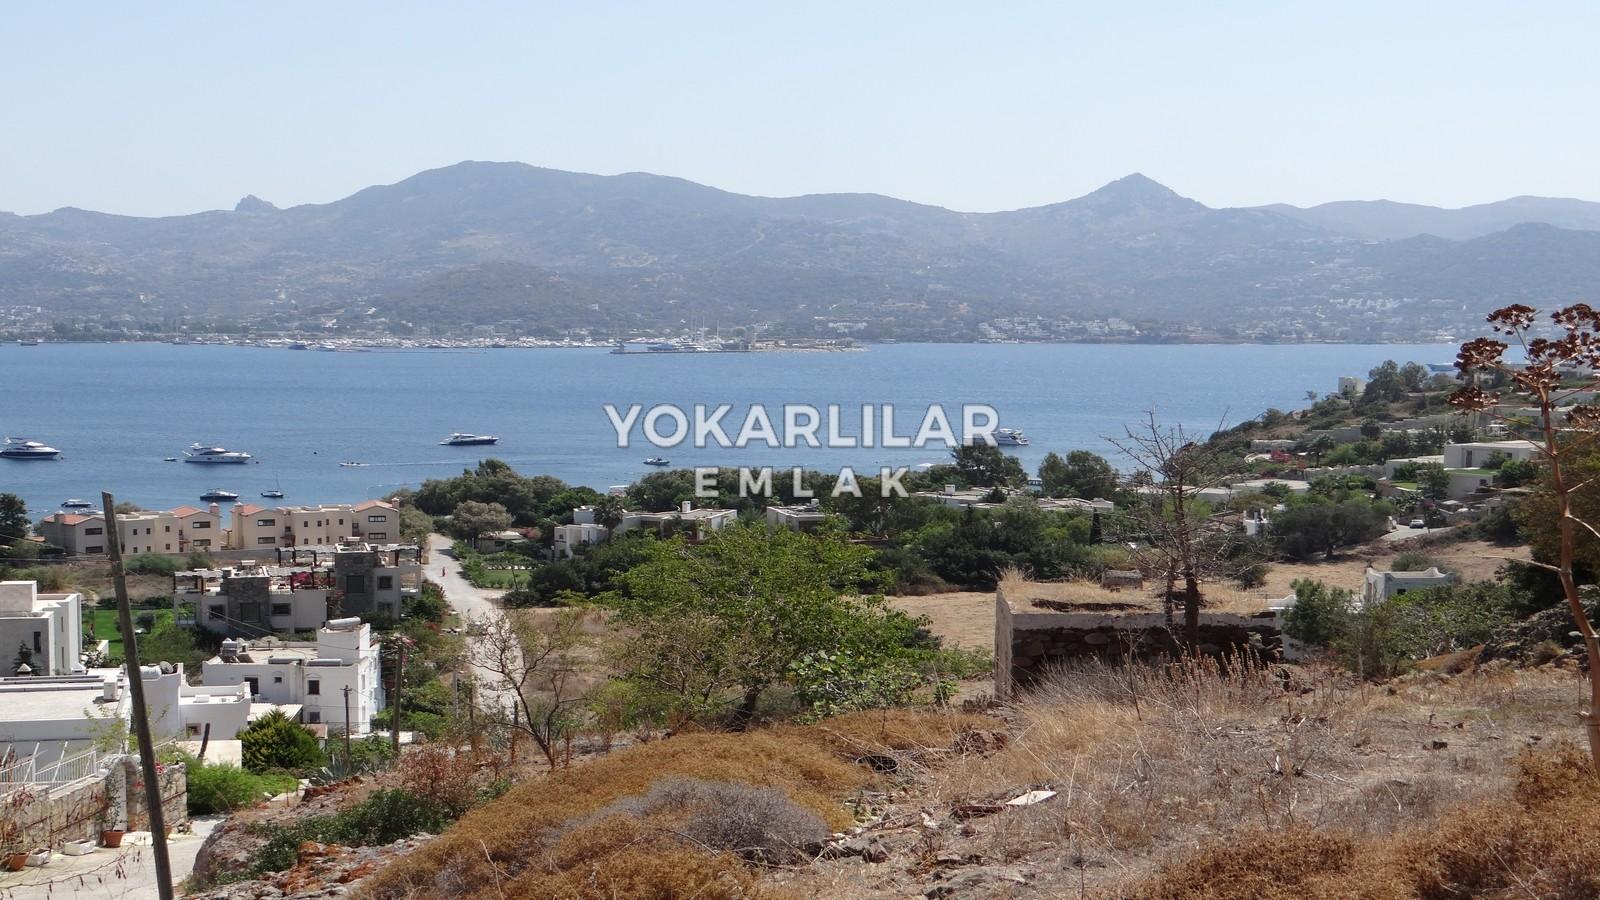 Yokarlılar Emlak - Yalıkavak/Satılık-Arsa/yalikavak'ta-satilik-marina-manzarali-arsa